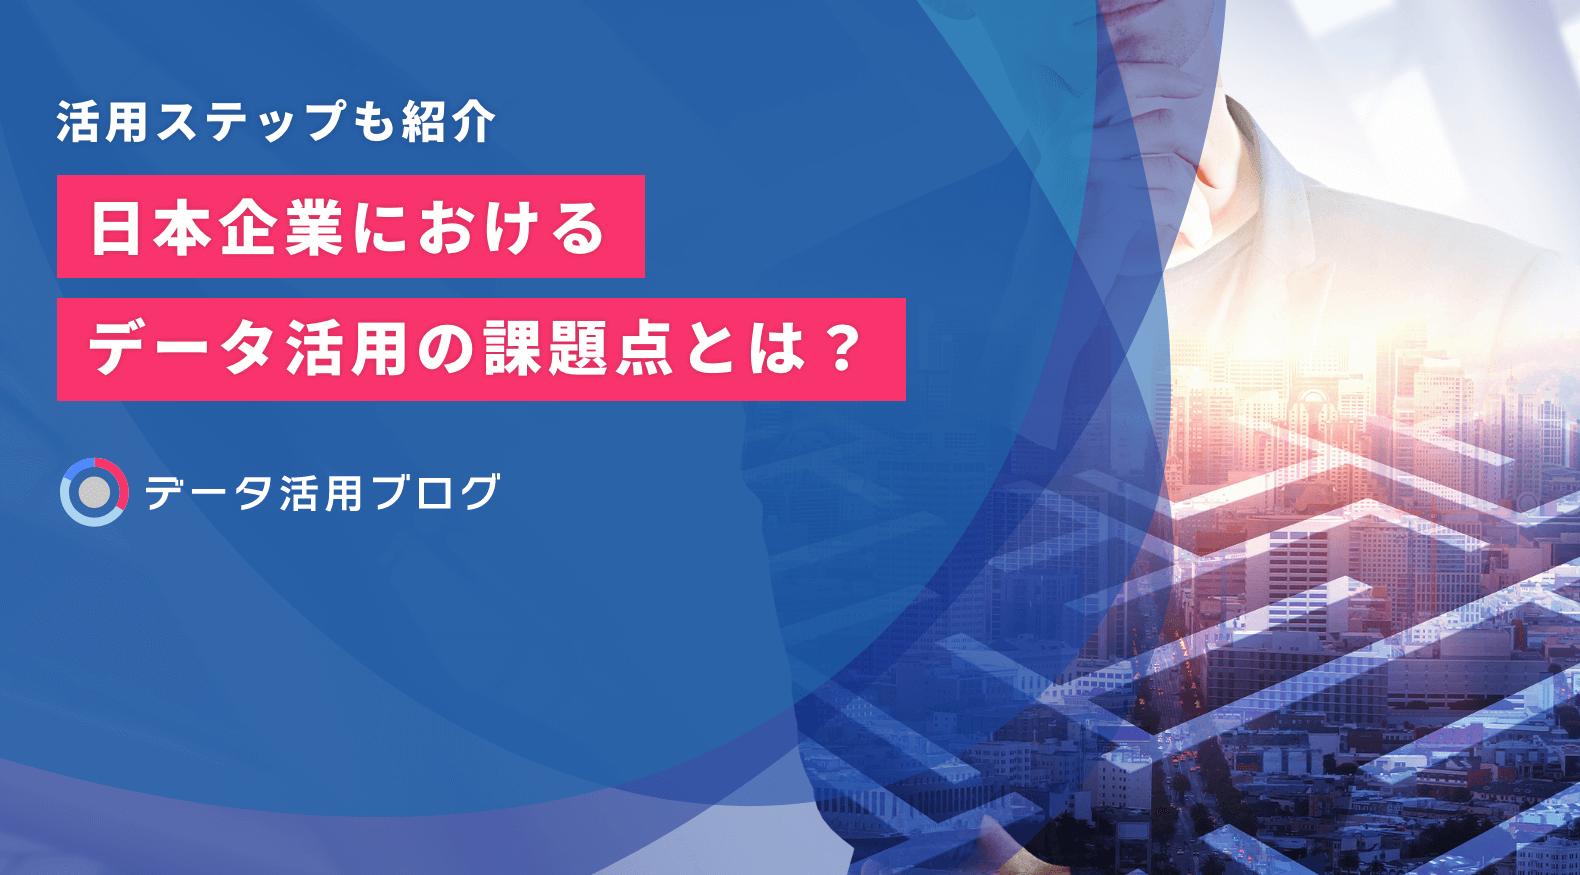 日本企業におけるデータ活用の課題点とは? 活用ステップも紹介